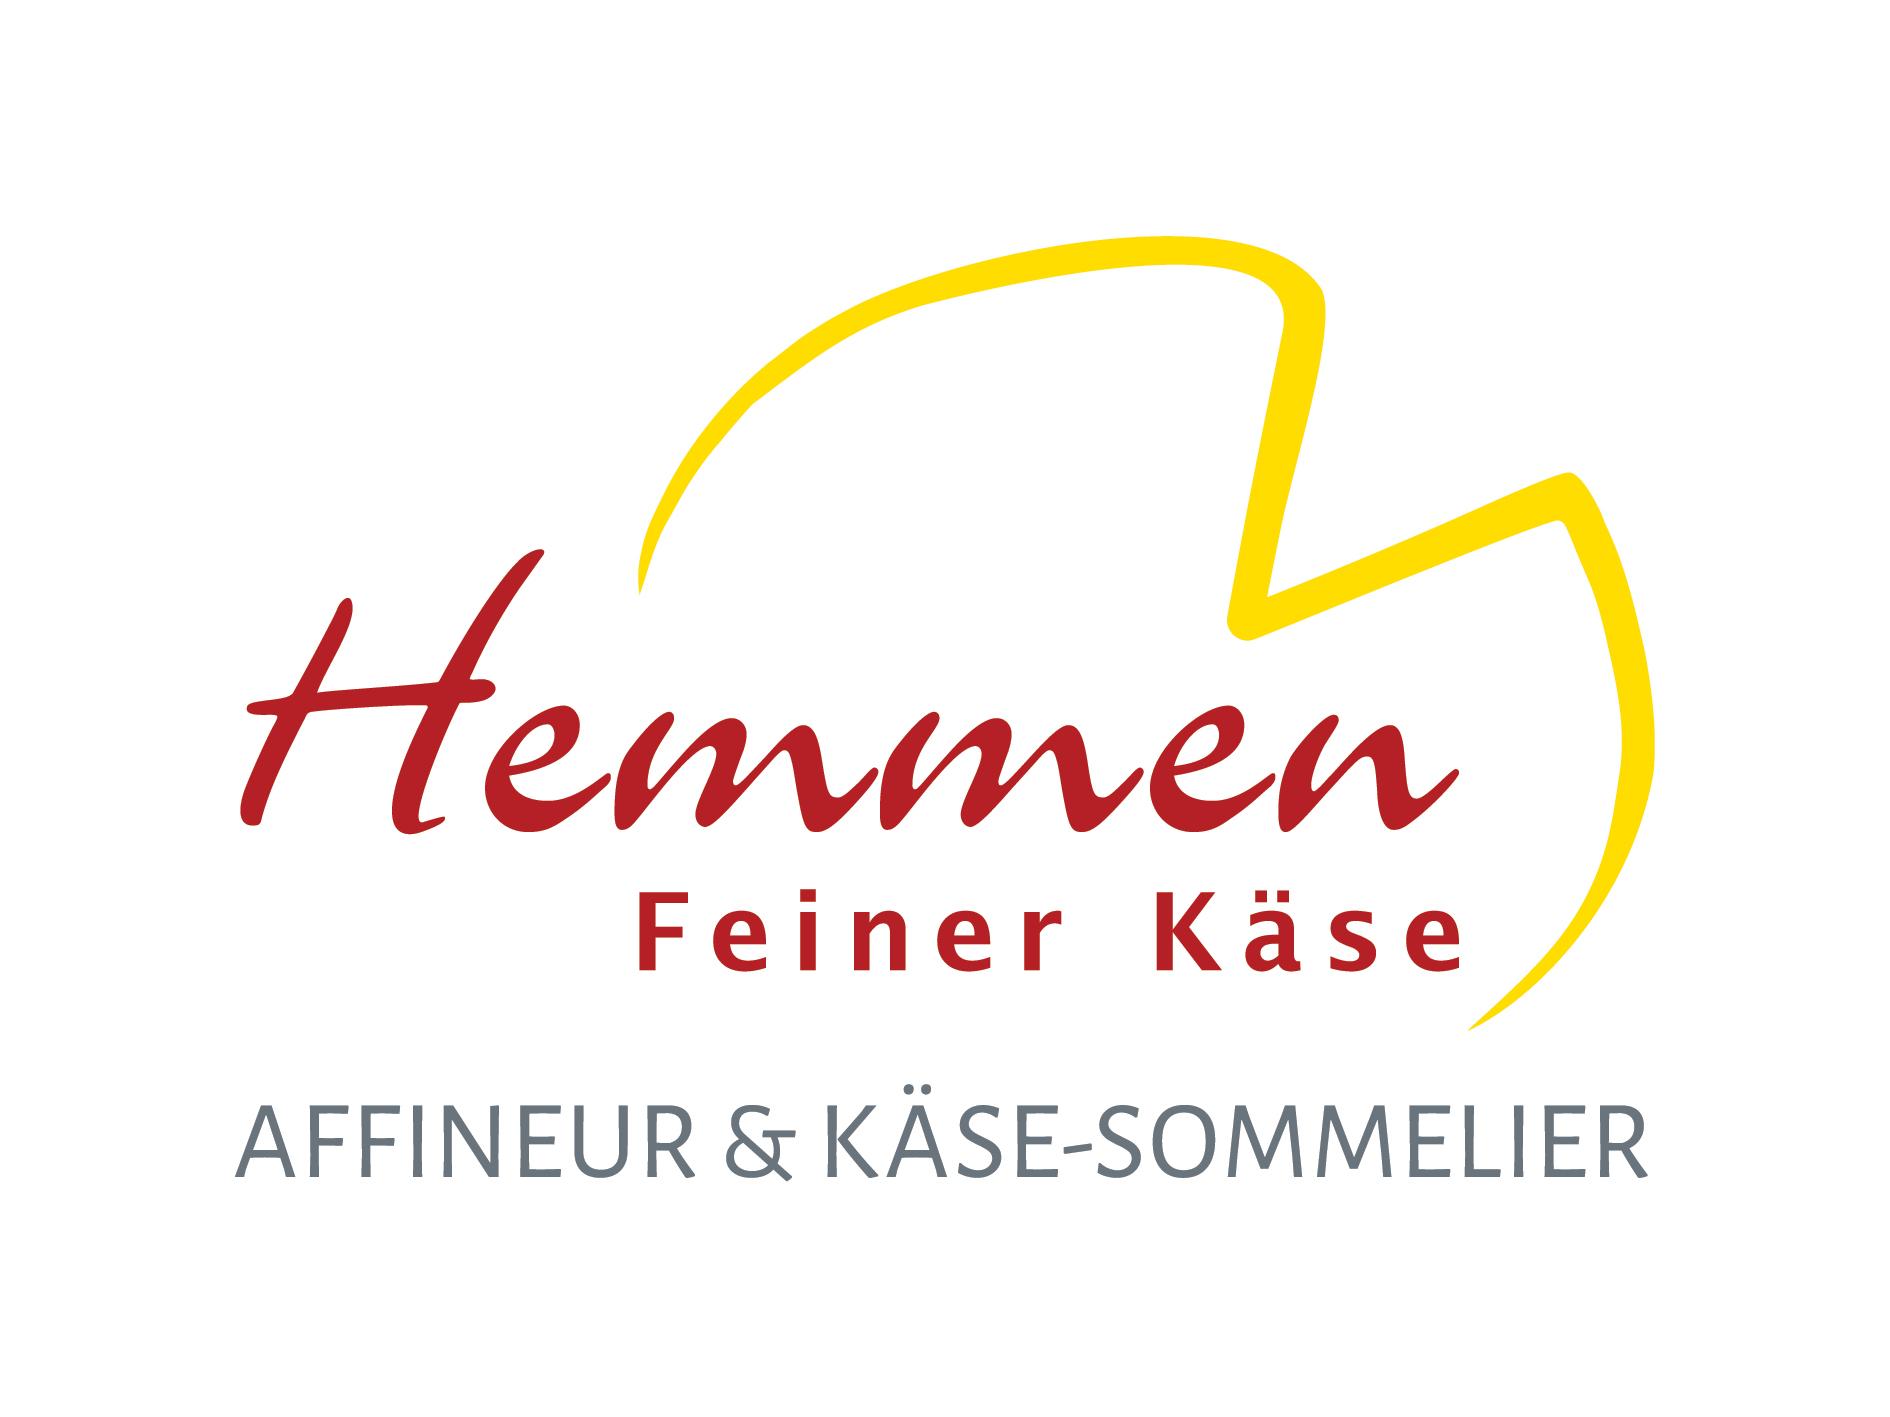 FeinerKaeseHemmen_Logo-mit-Affineur